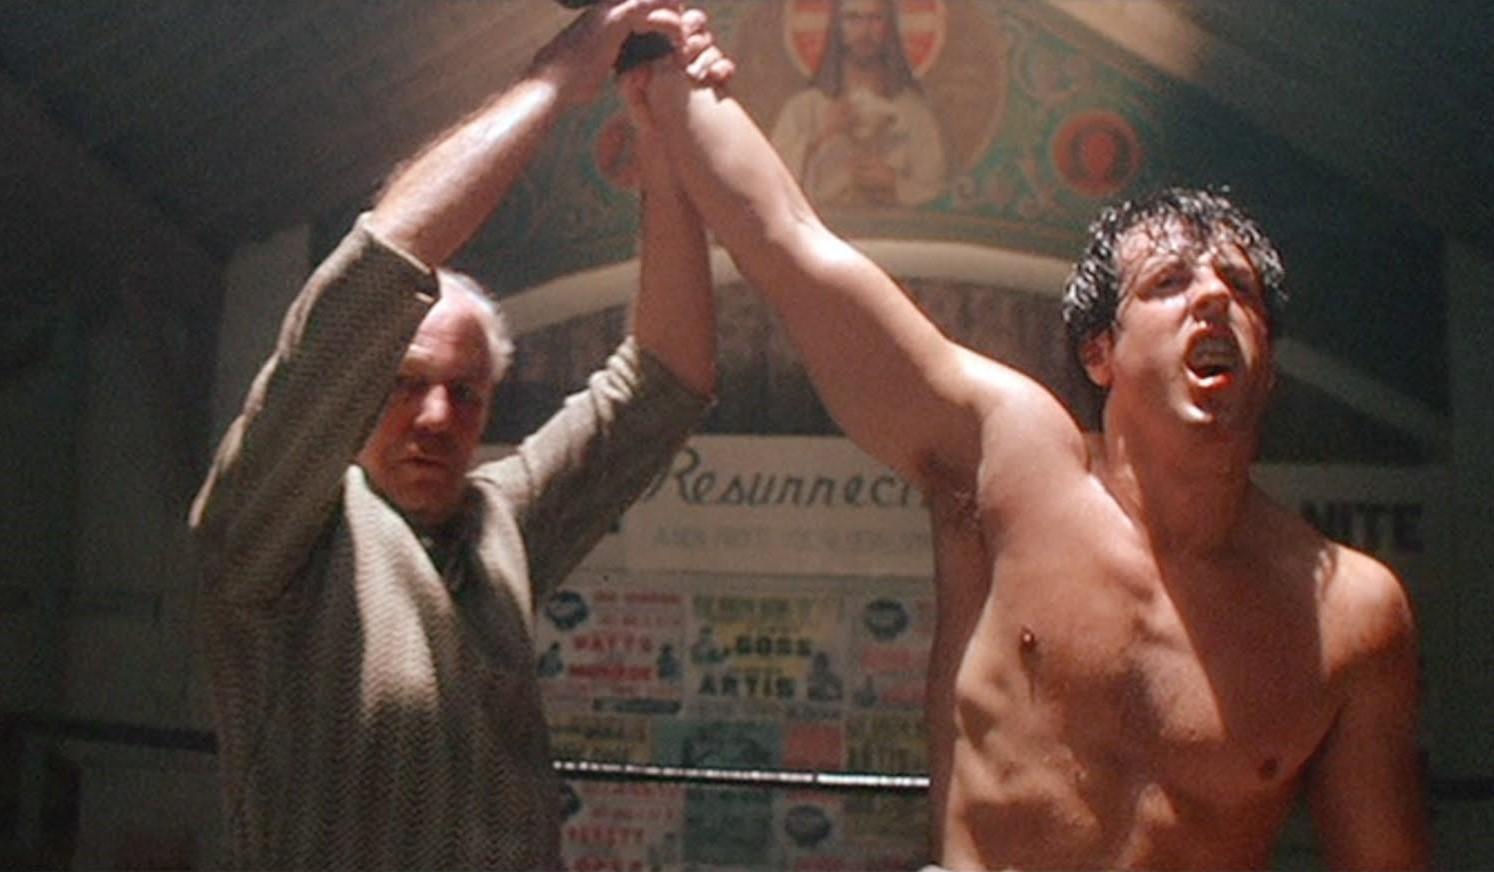 بهترین فیلم های رزمی تاریخ سینما، از ورزش خونین تا اژدها وارد می شود